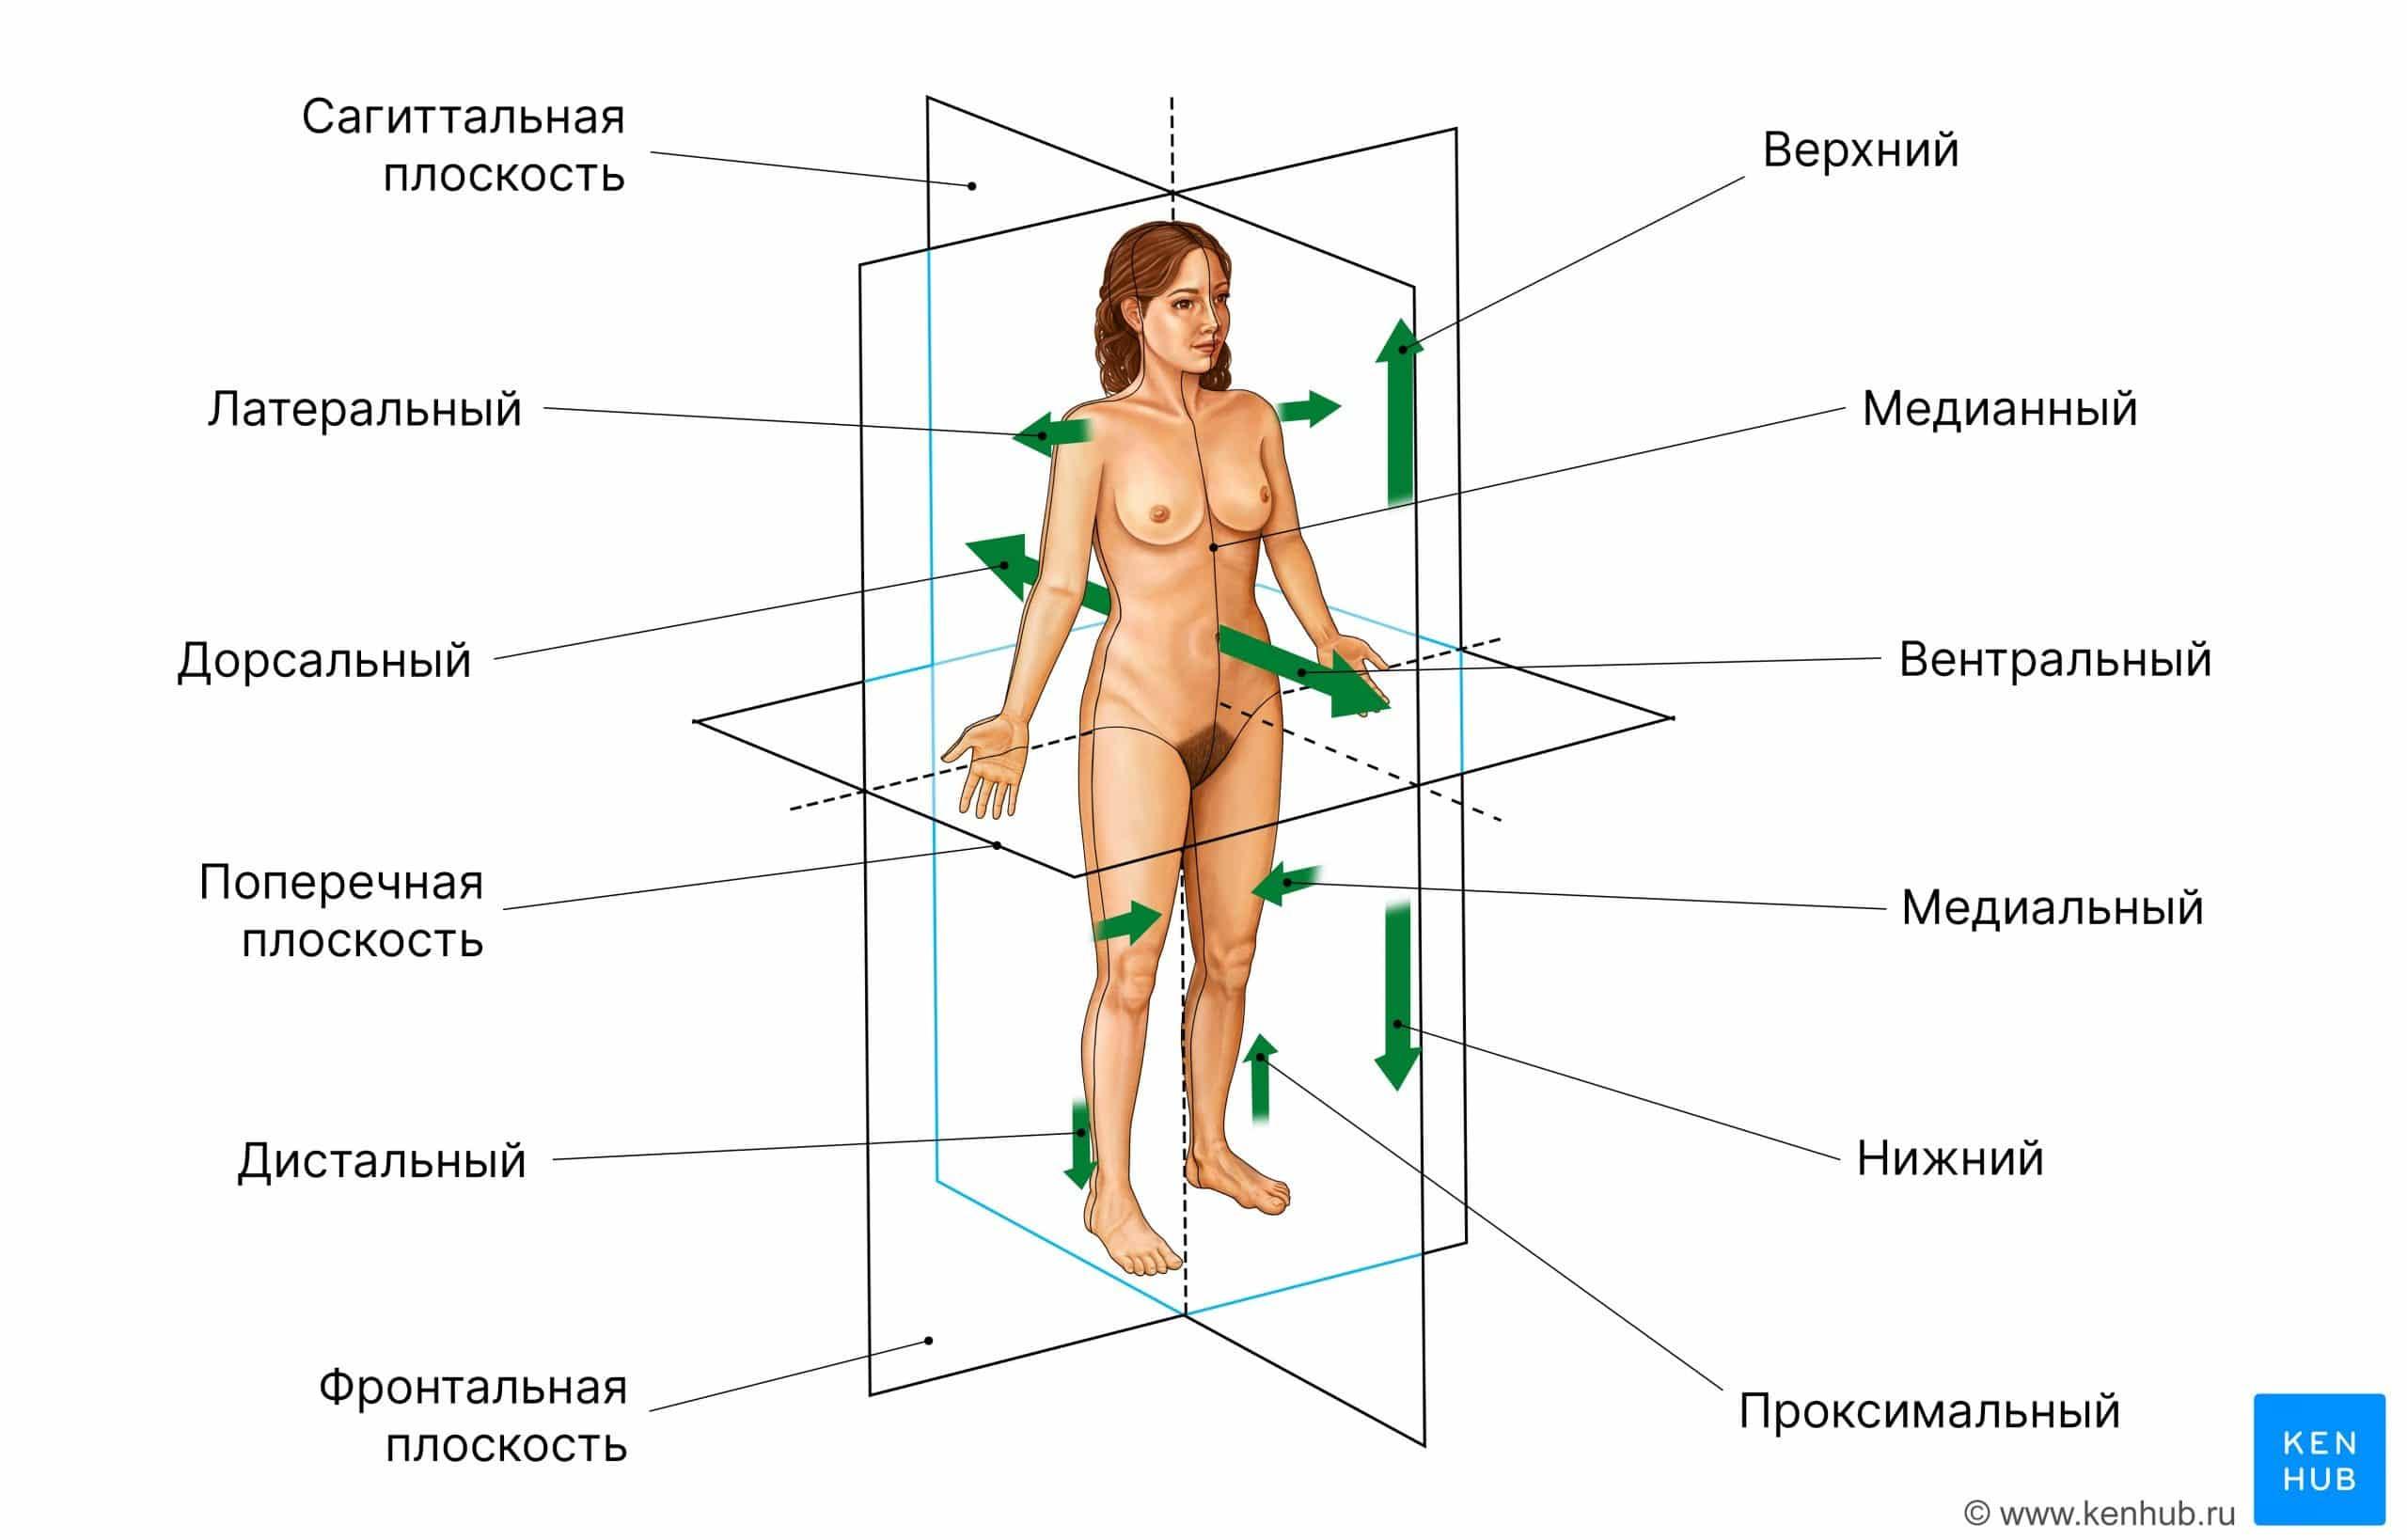 Термины направлений и плоскостей тела.